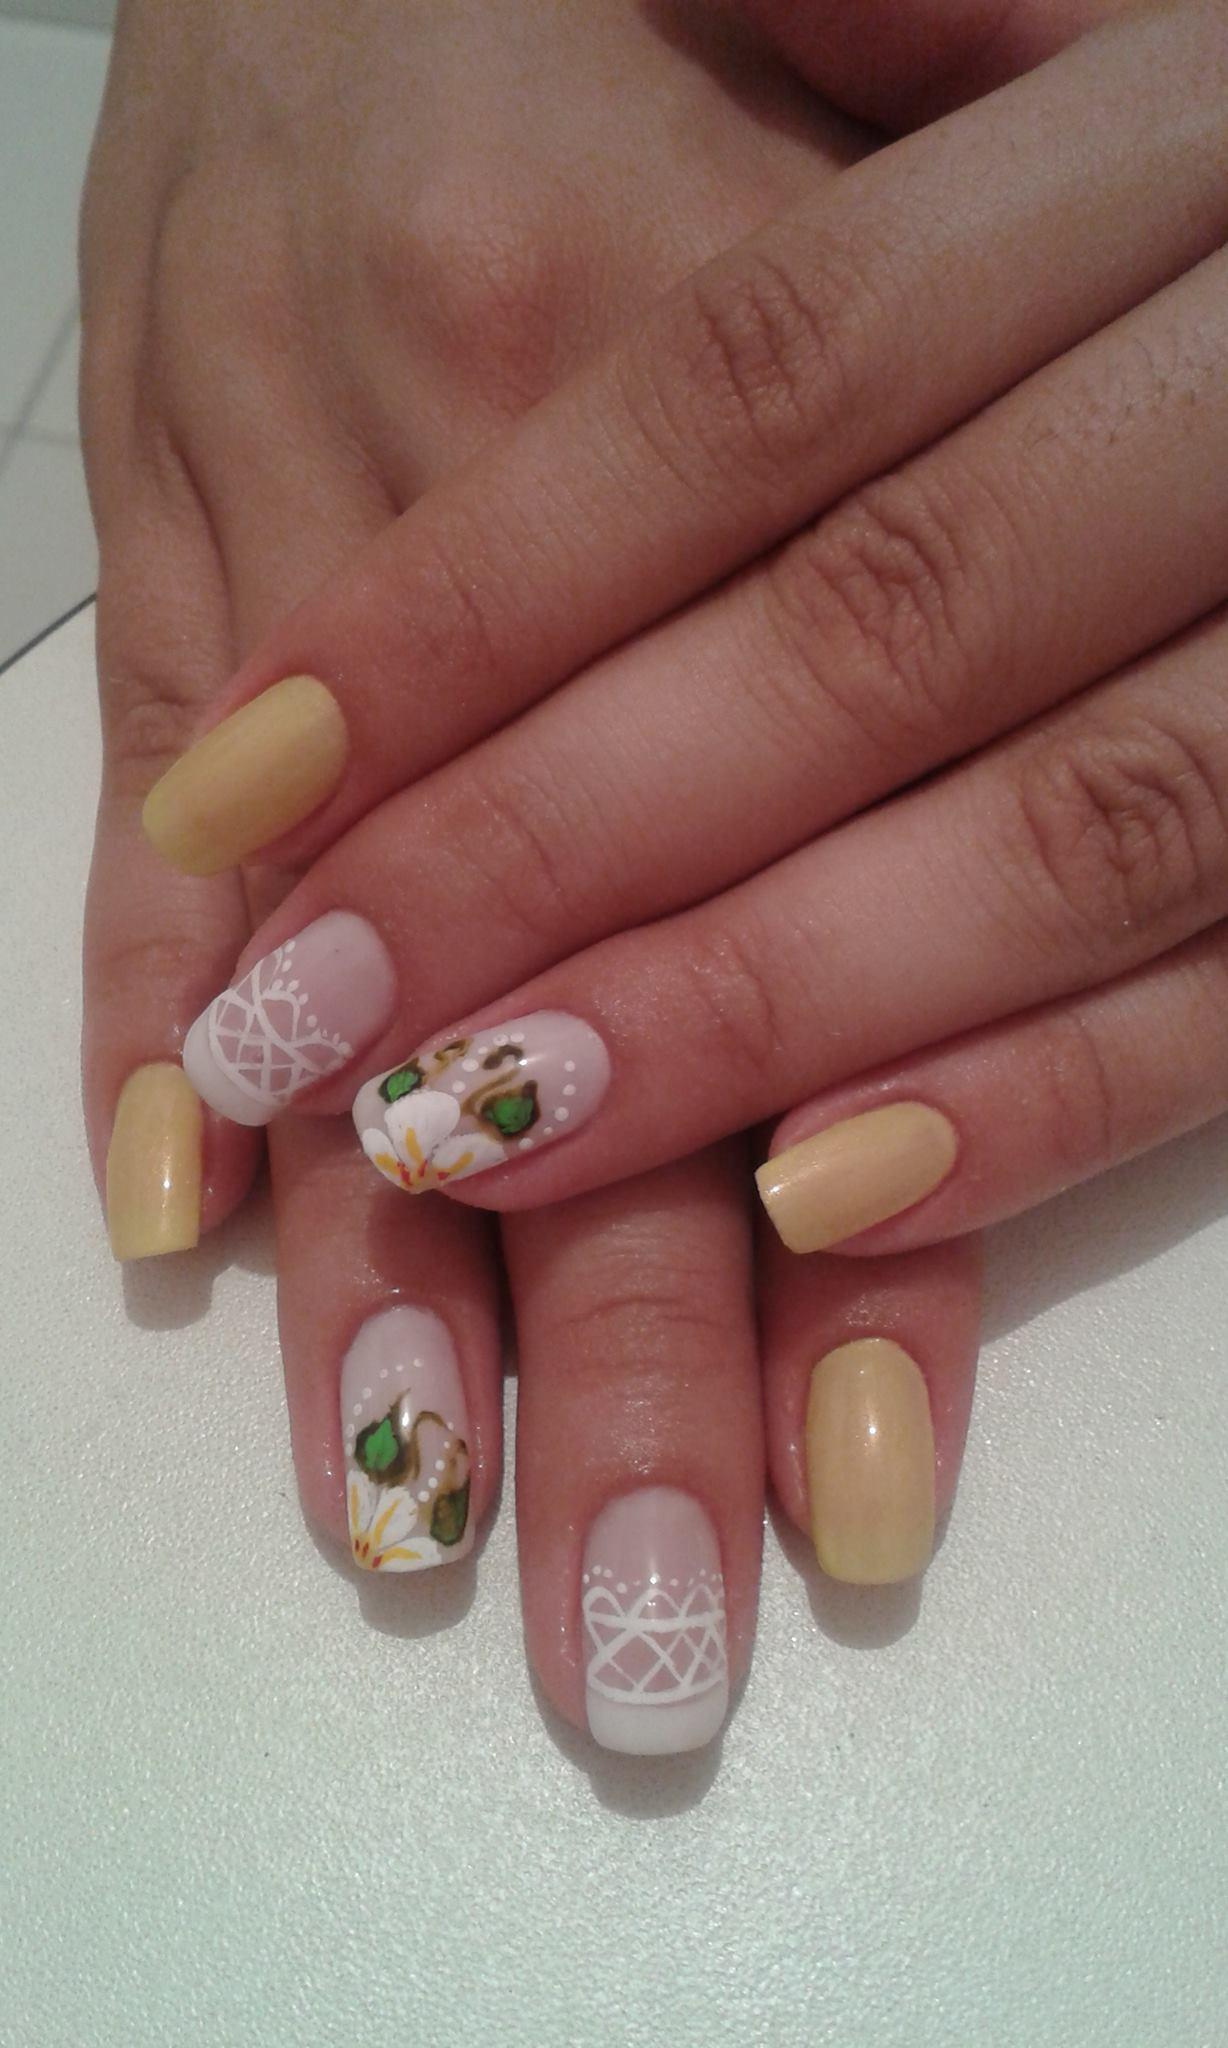 flores, renda, amarelo delicado unhas  manicure e pedicure manicure e pedicure